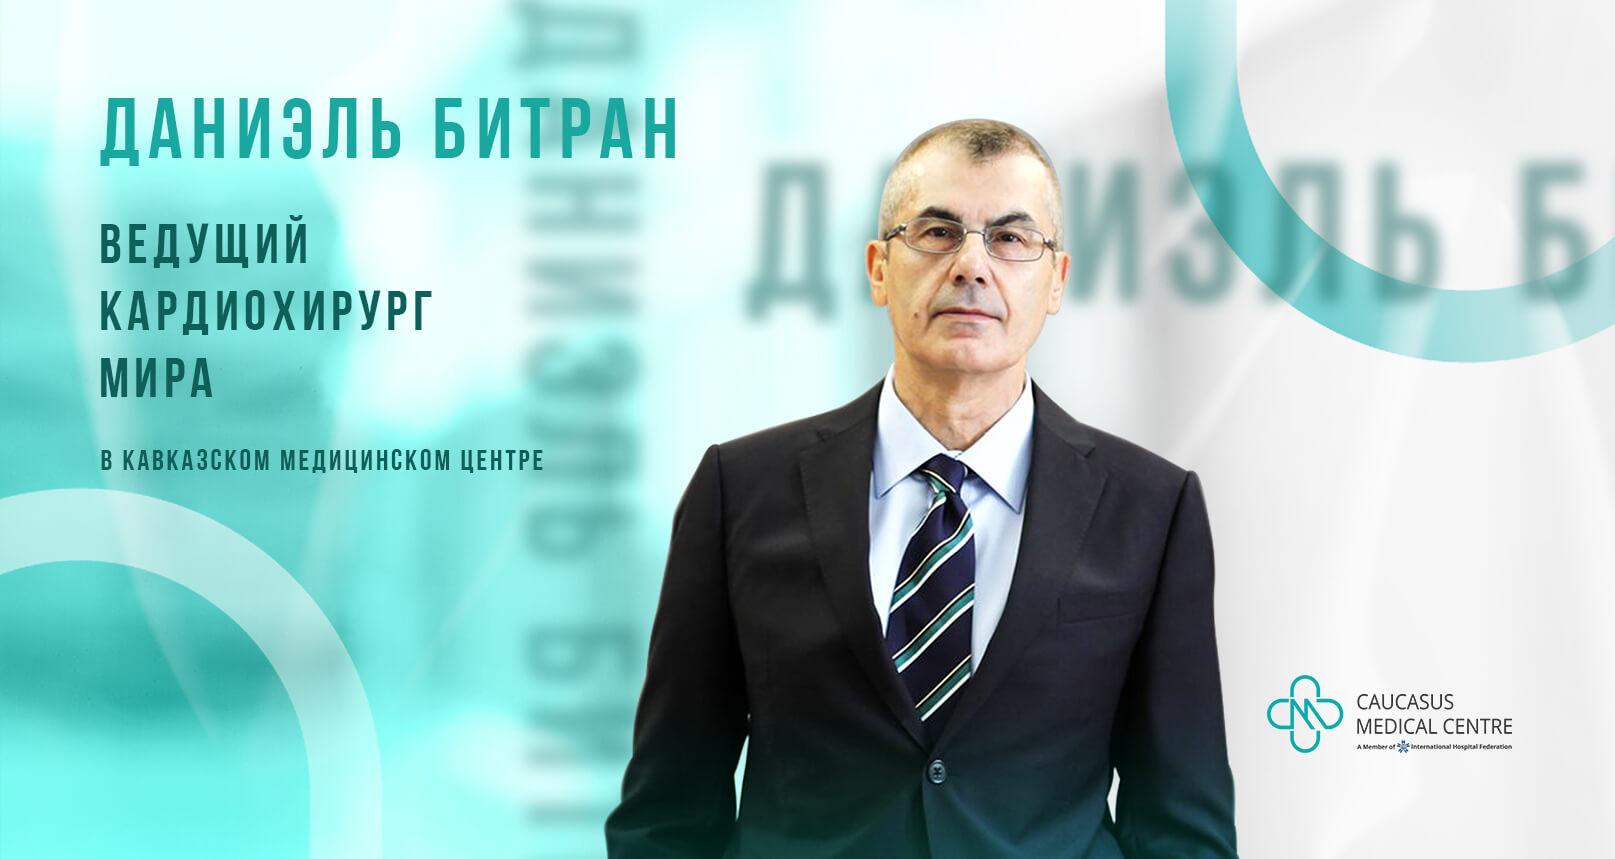 Ведущий кардиохирург Мира в Кавказском медицинском центре